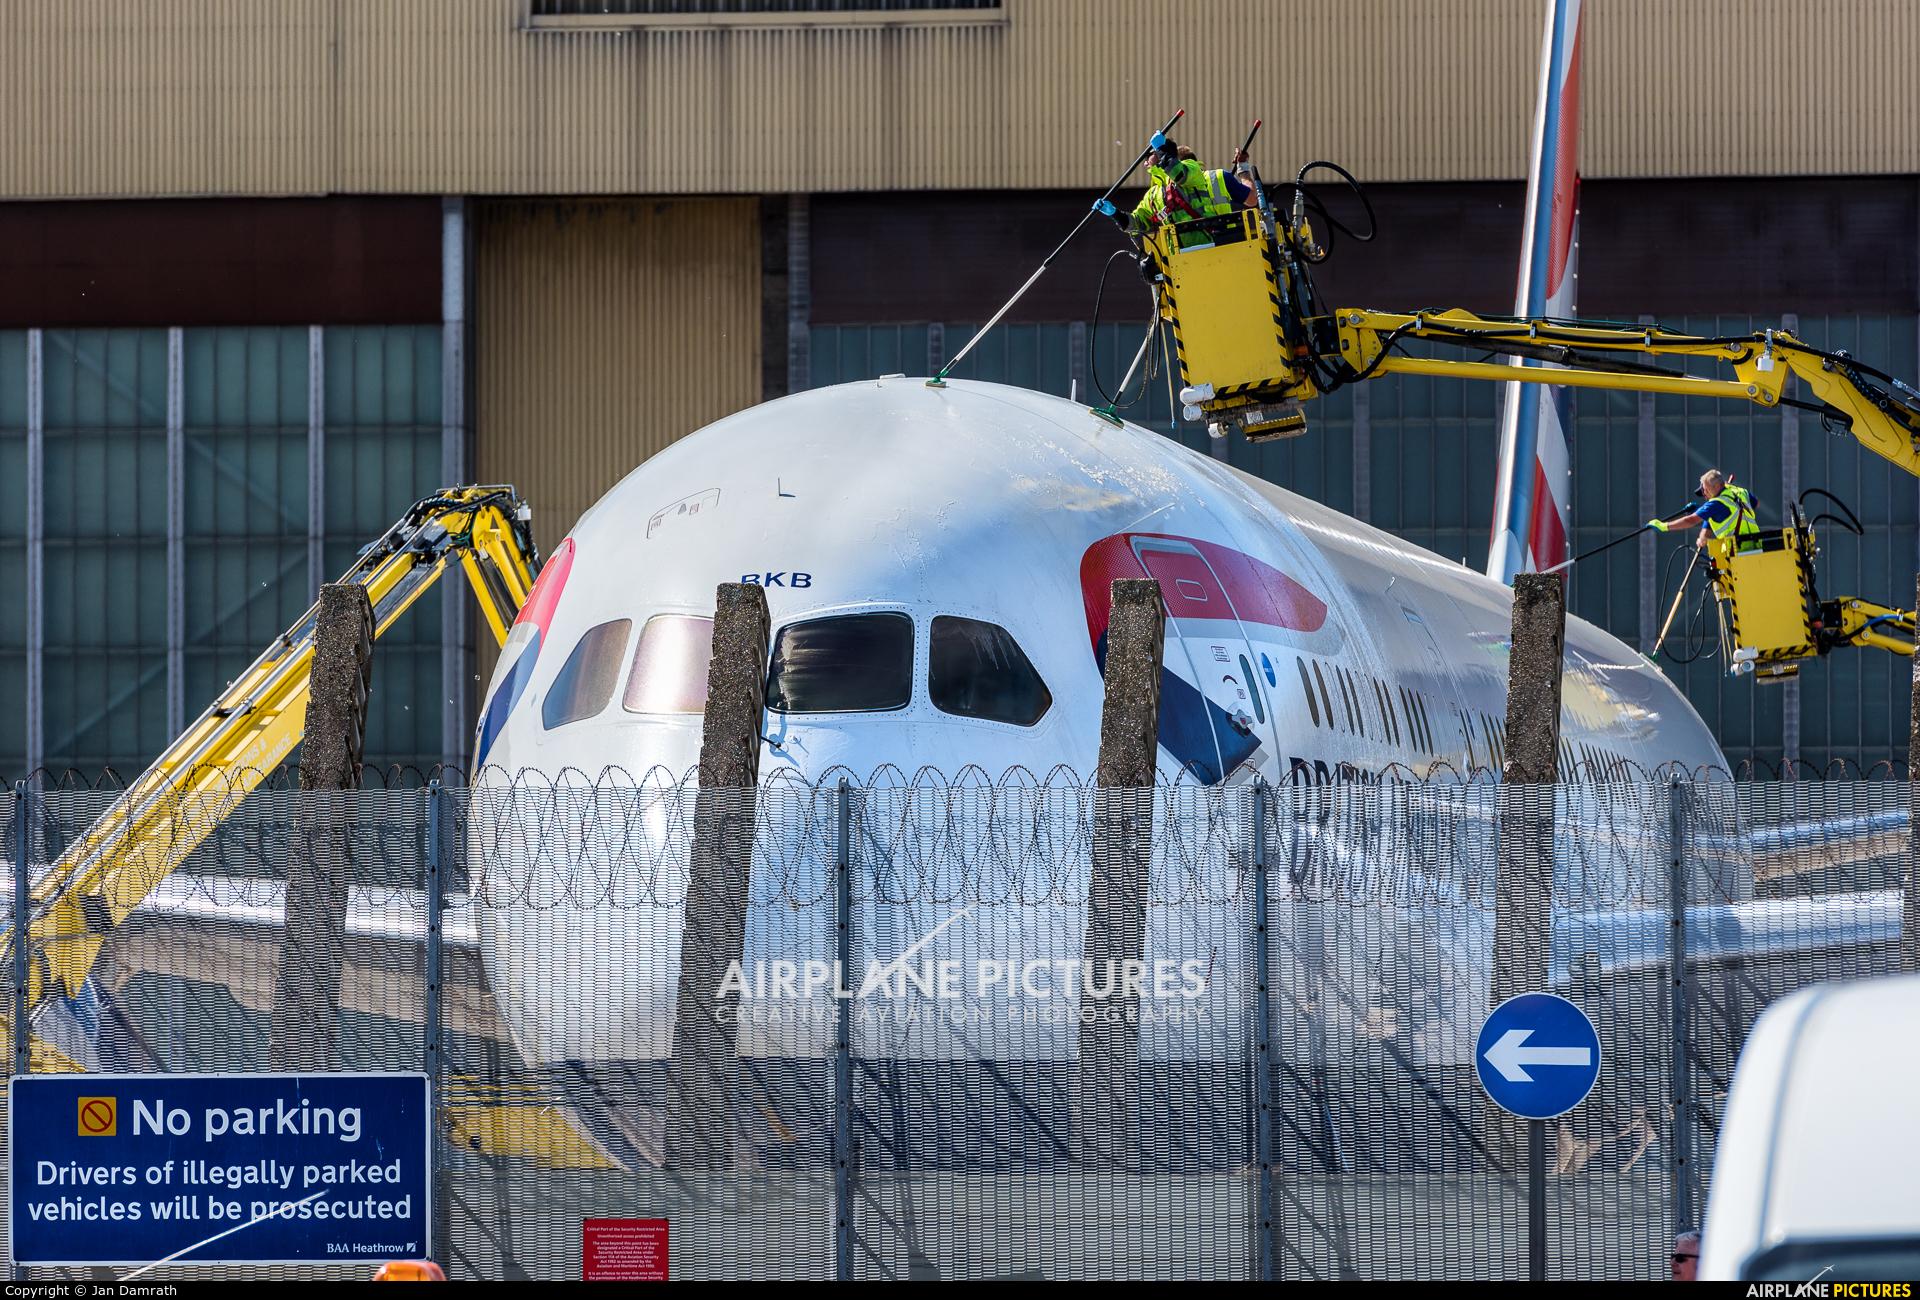 British Airways G-ZBKB aircraft at London - Heathrow